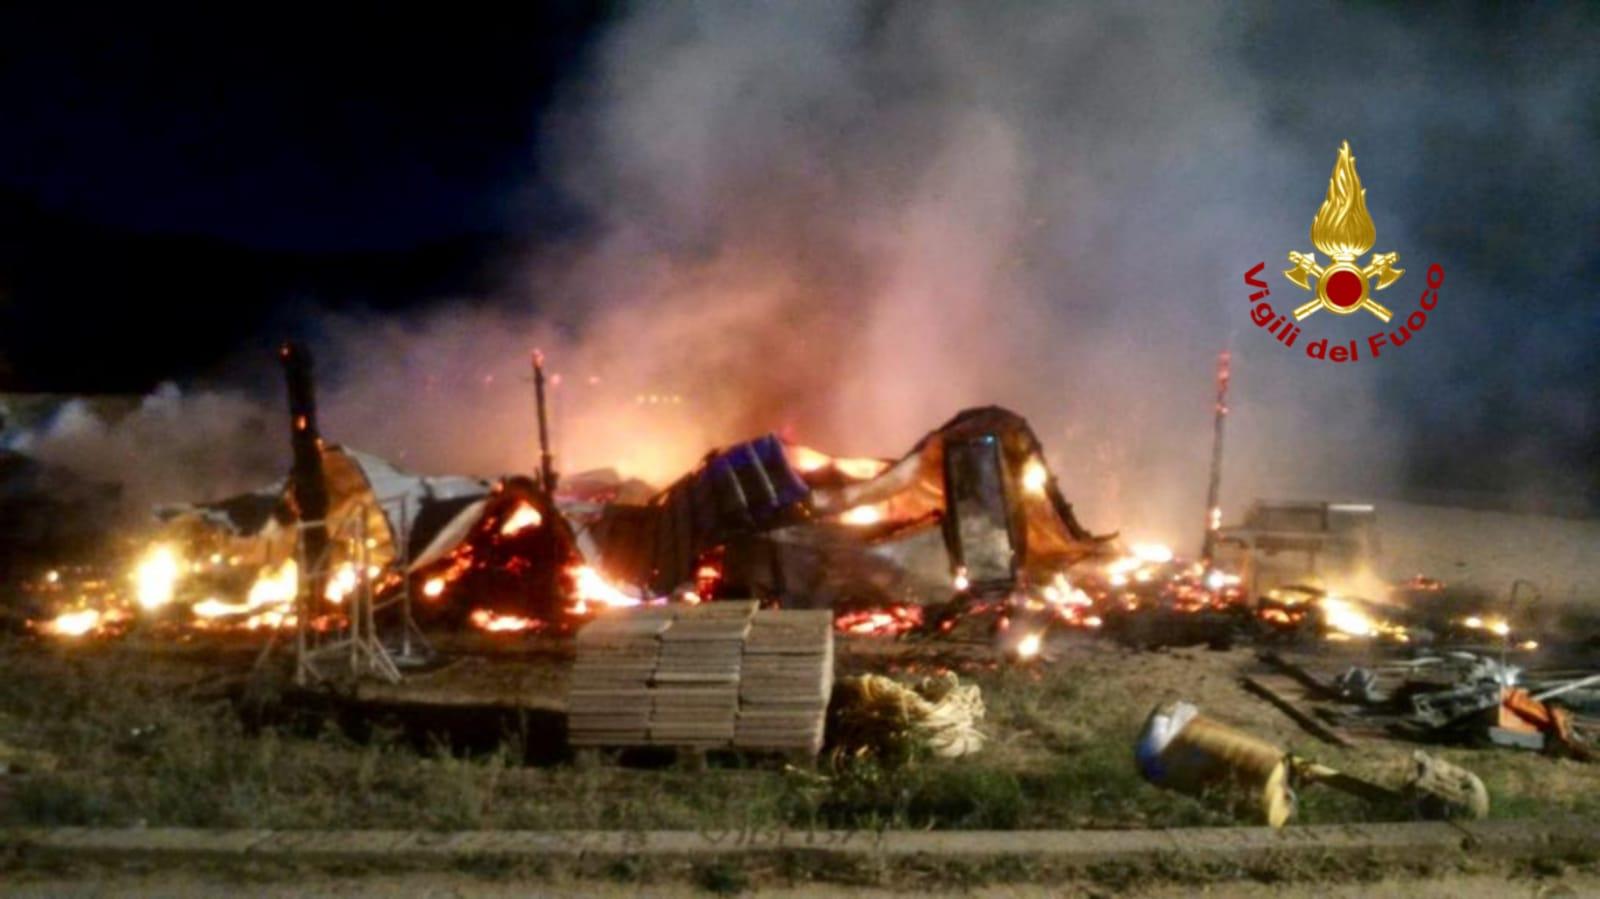 Incendiato un chiosco a Solanas